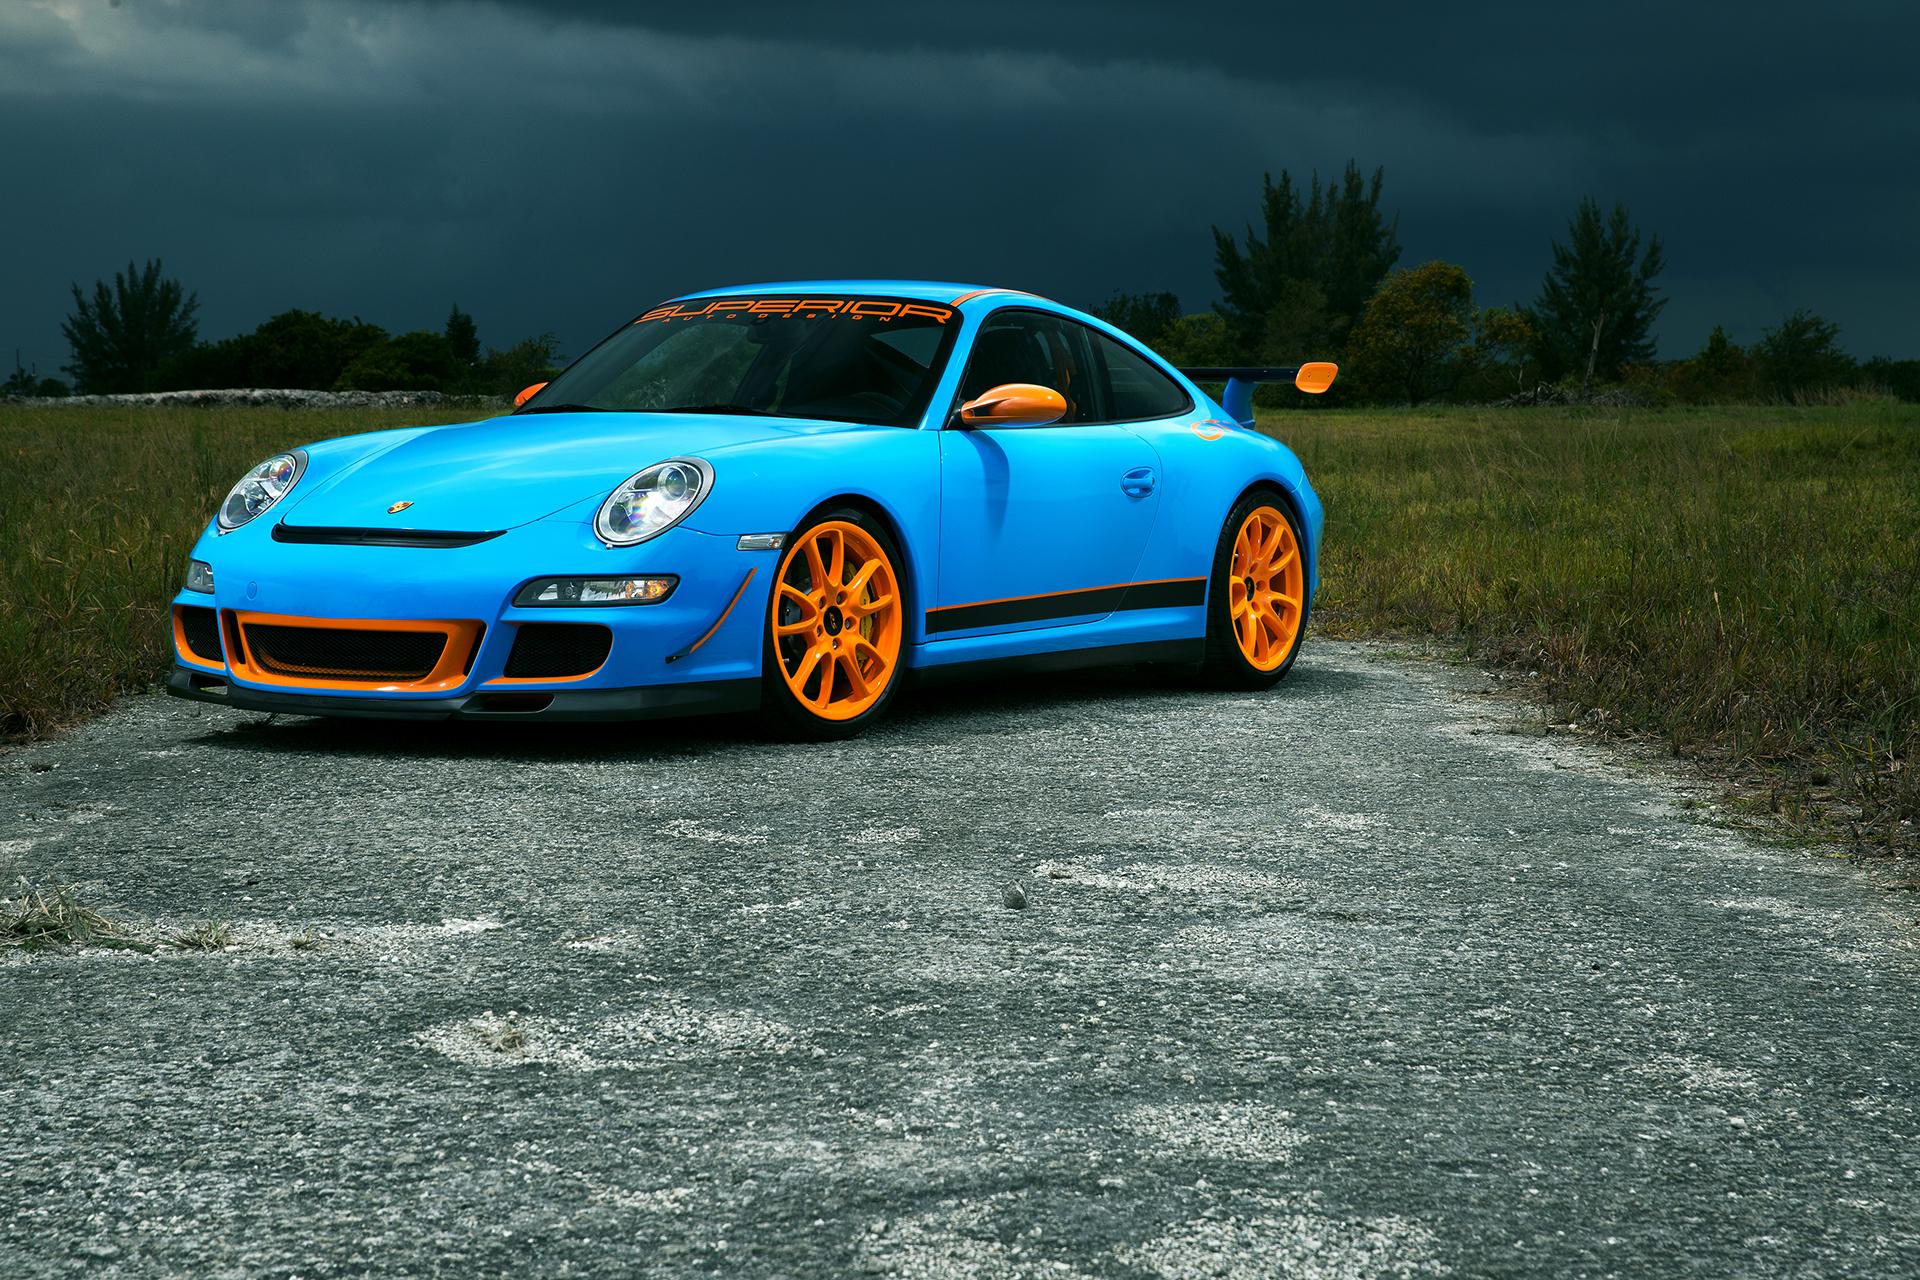 Blue Porsche GT3 2